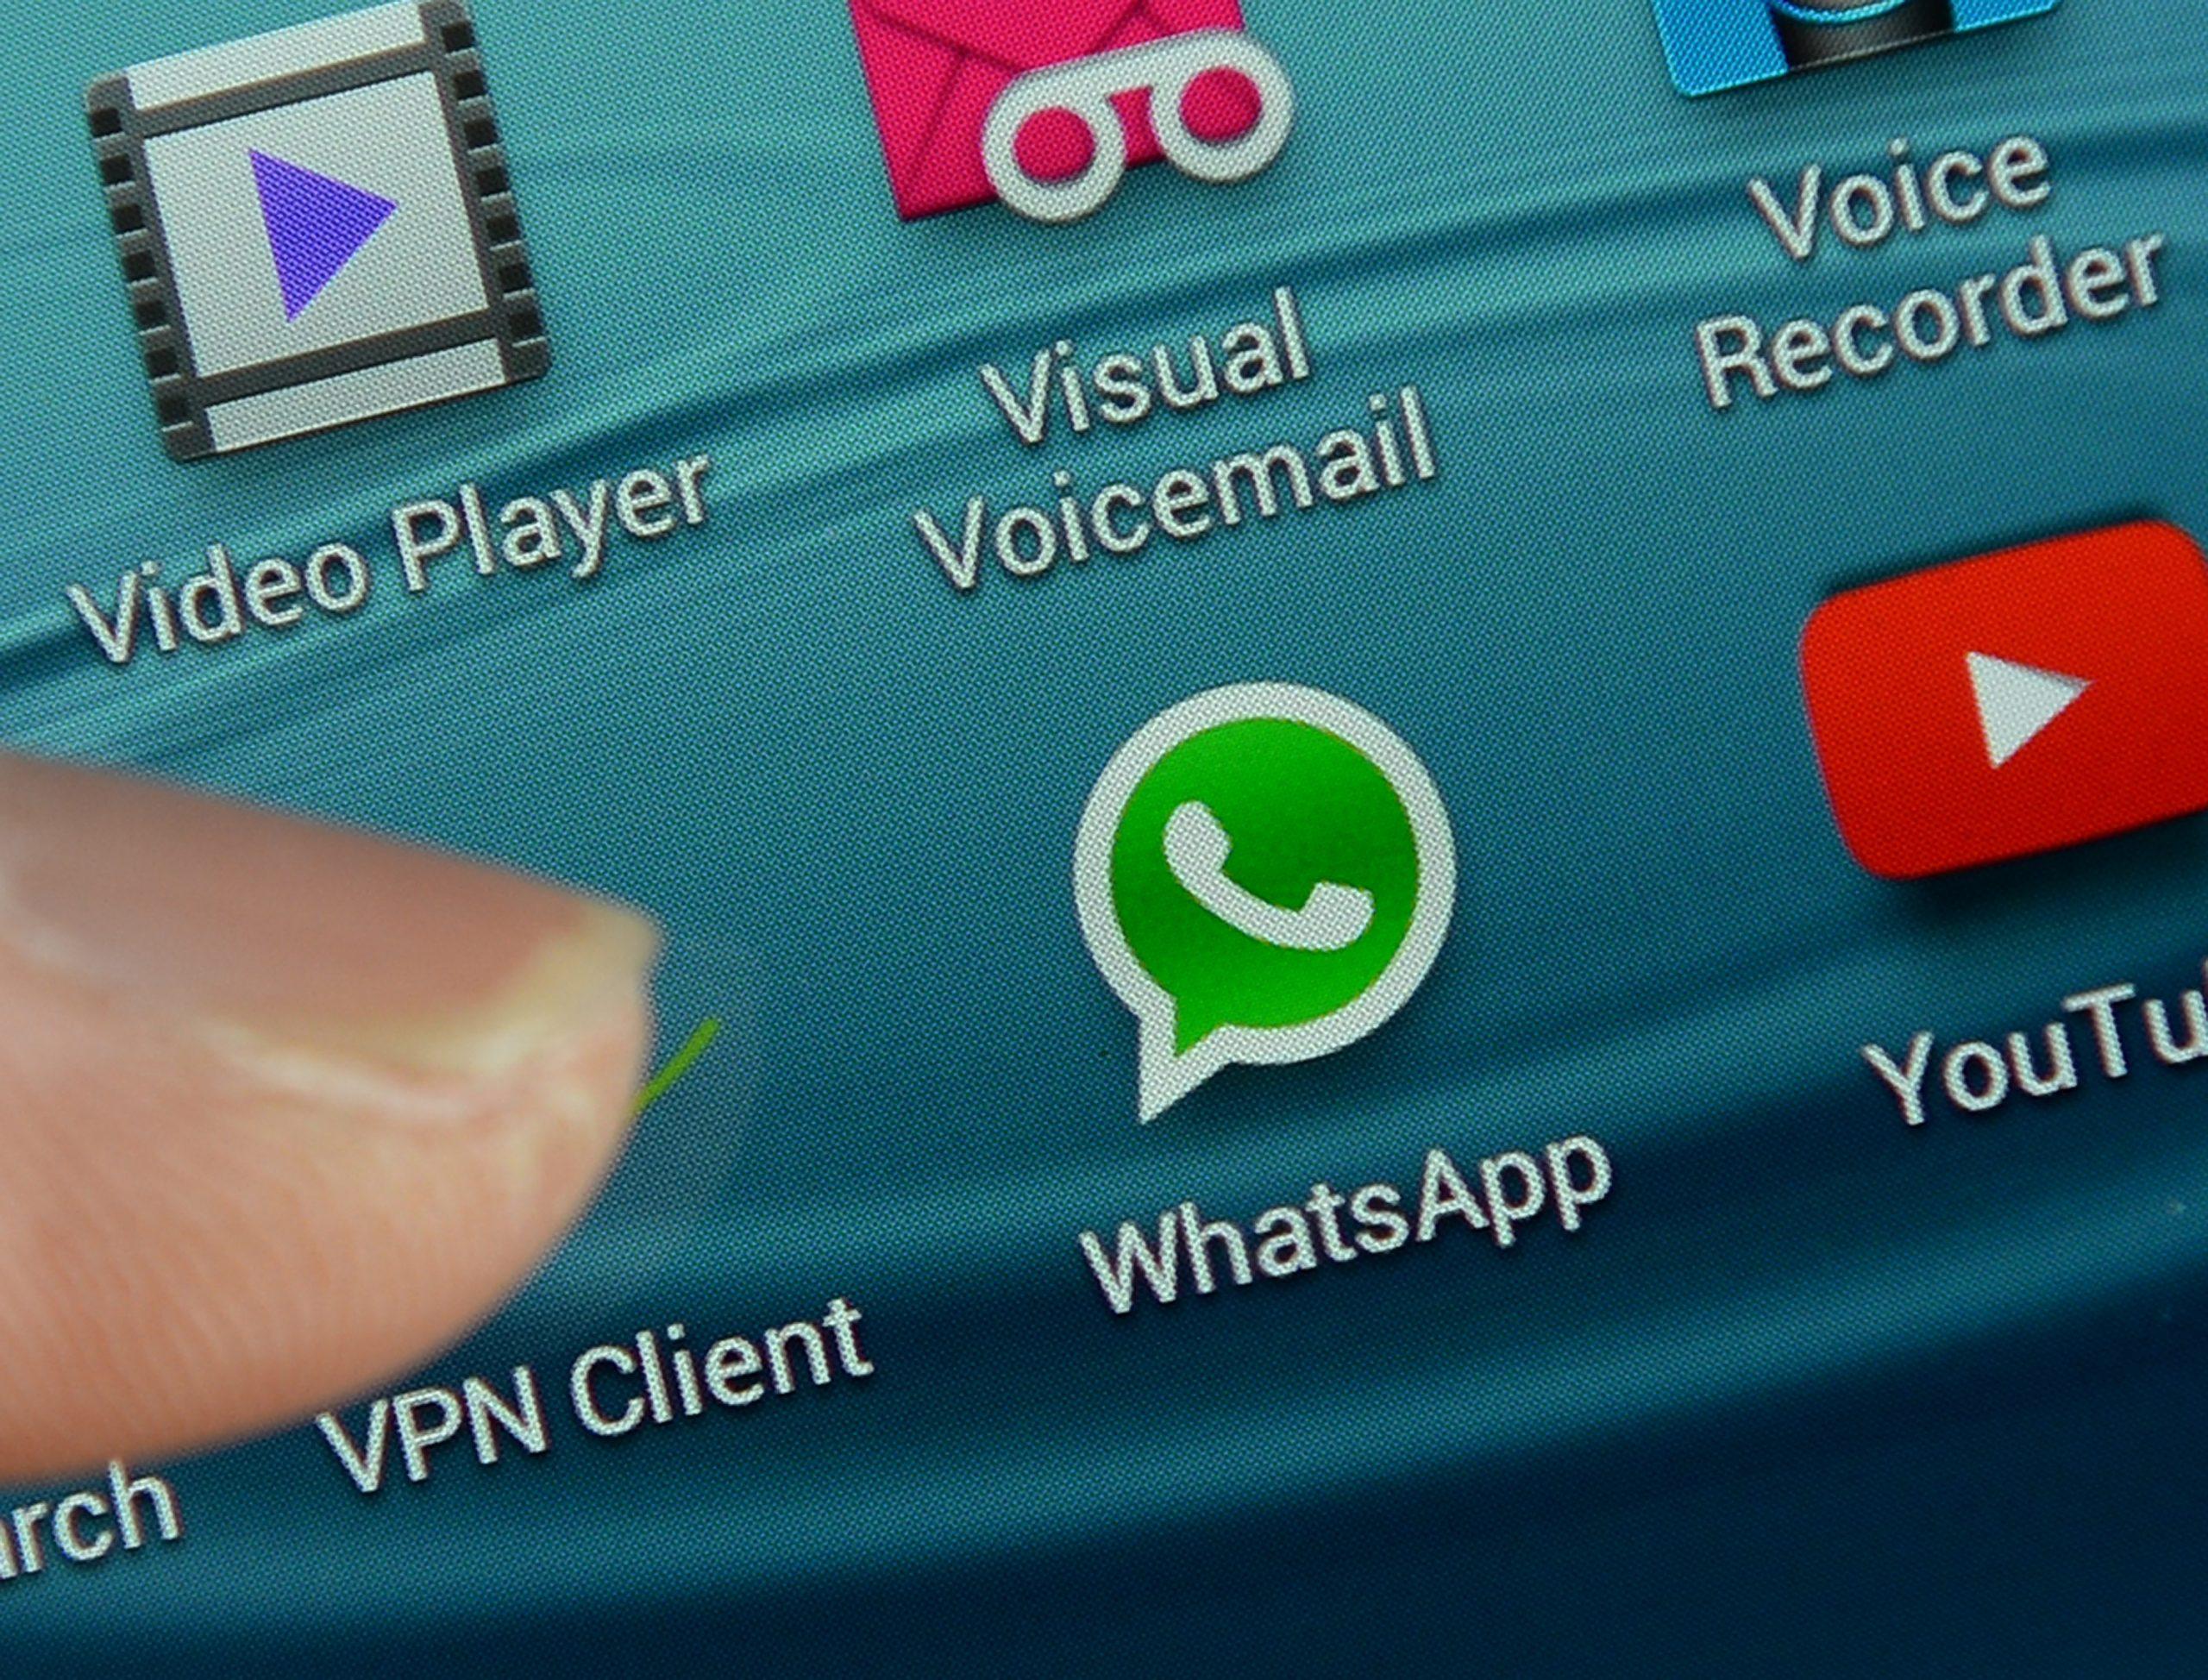 Whatsapp Gruppen Finden - Whatsapp Fur Android Kontakte